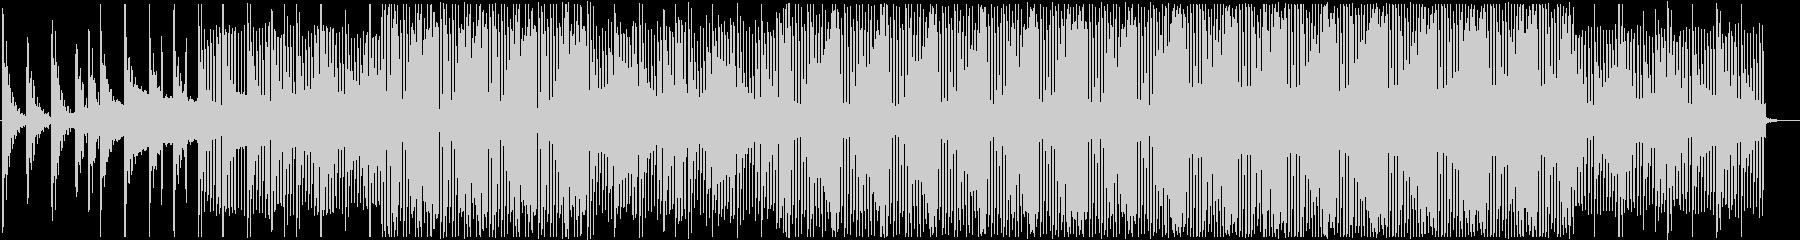 爽やか穏やかなピアノハウスの未再生の波形